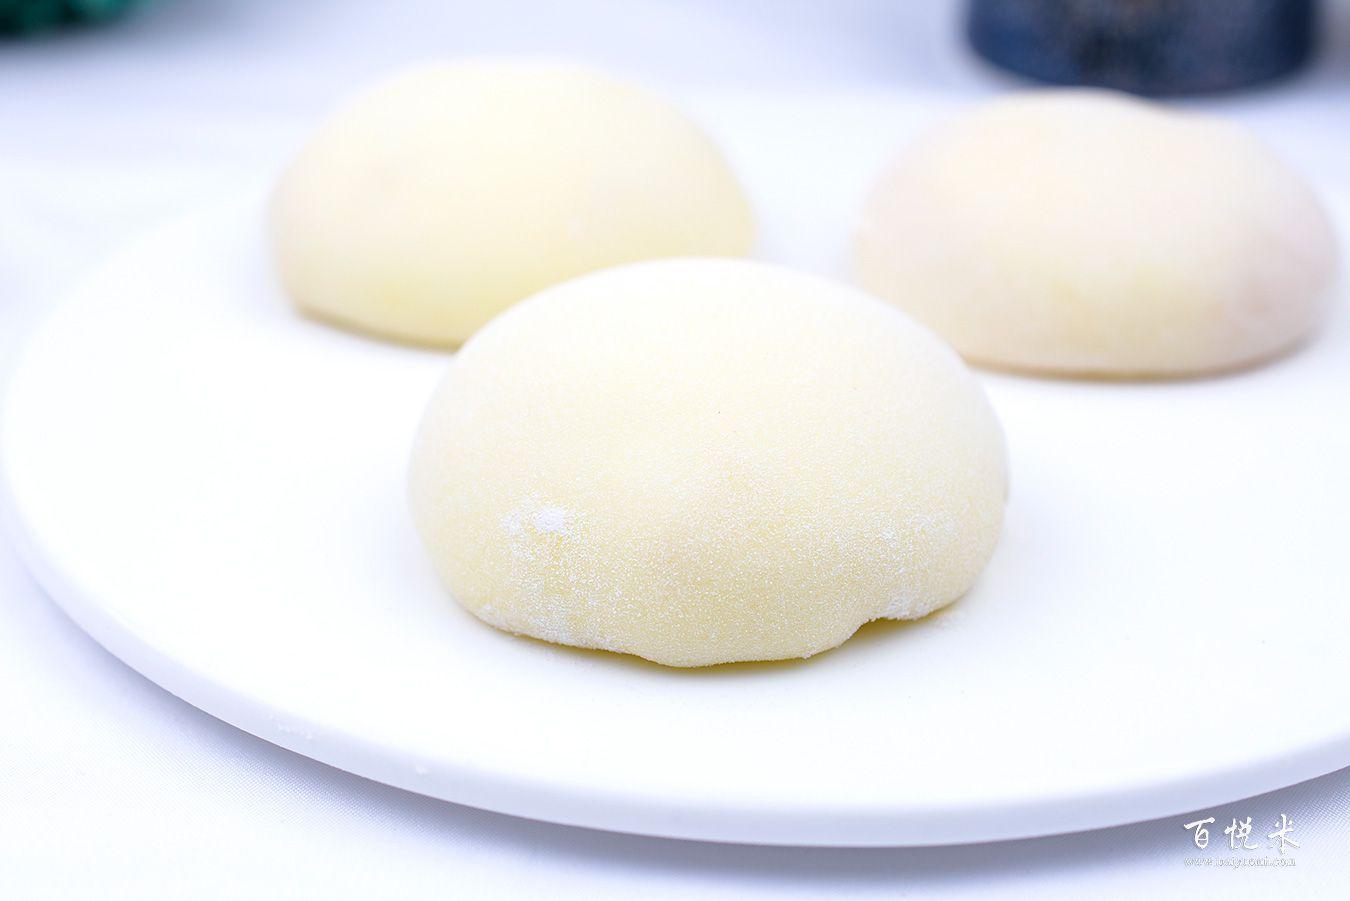 芒果大福甜品高清图片大全【蛋糕图片】_661